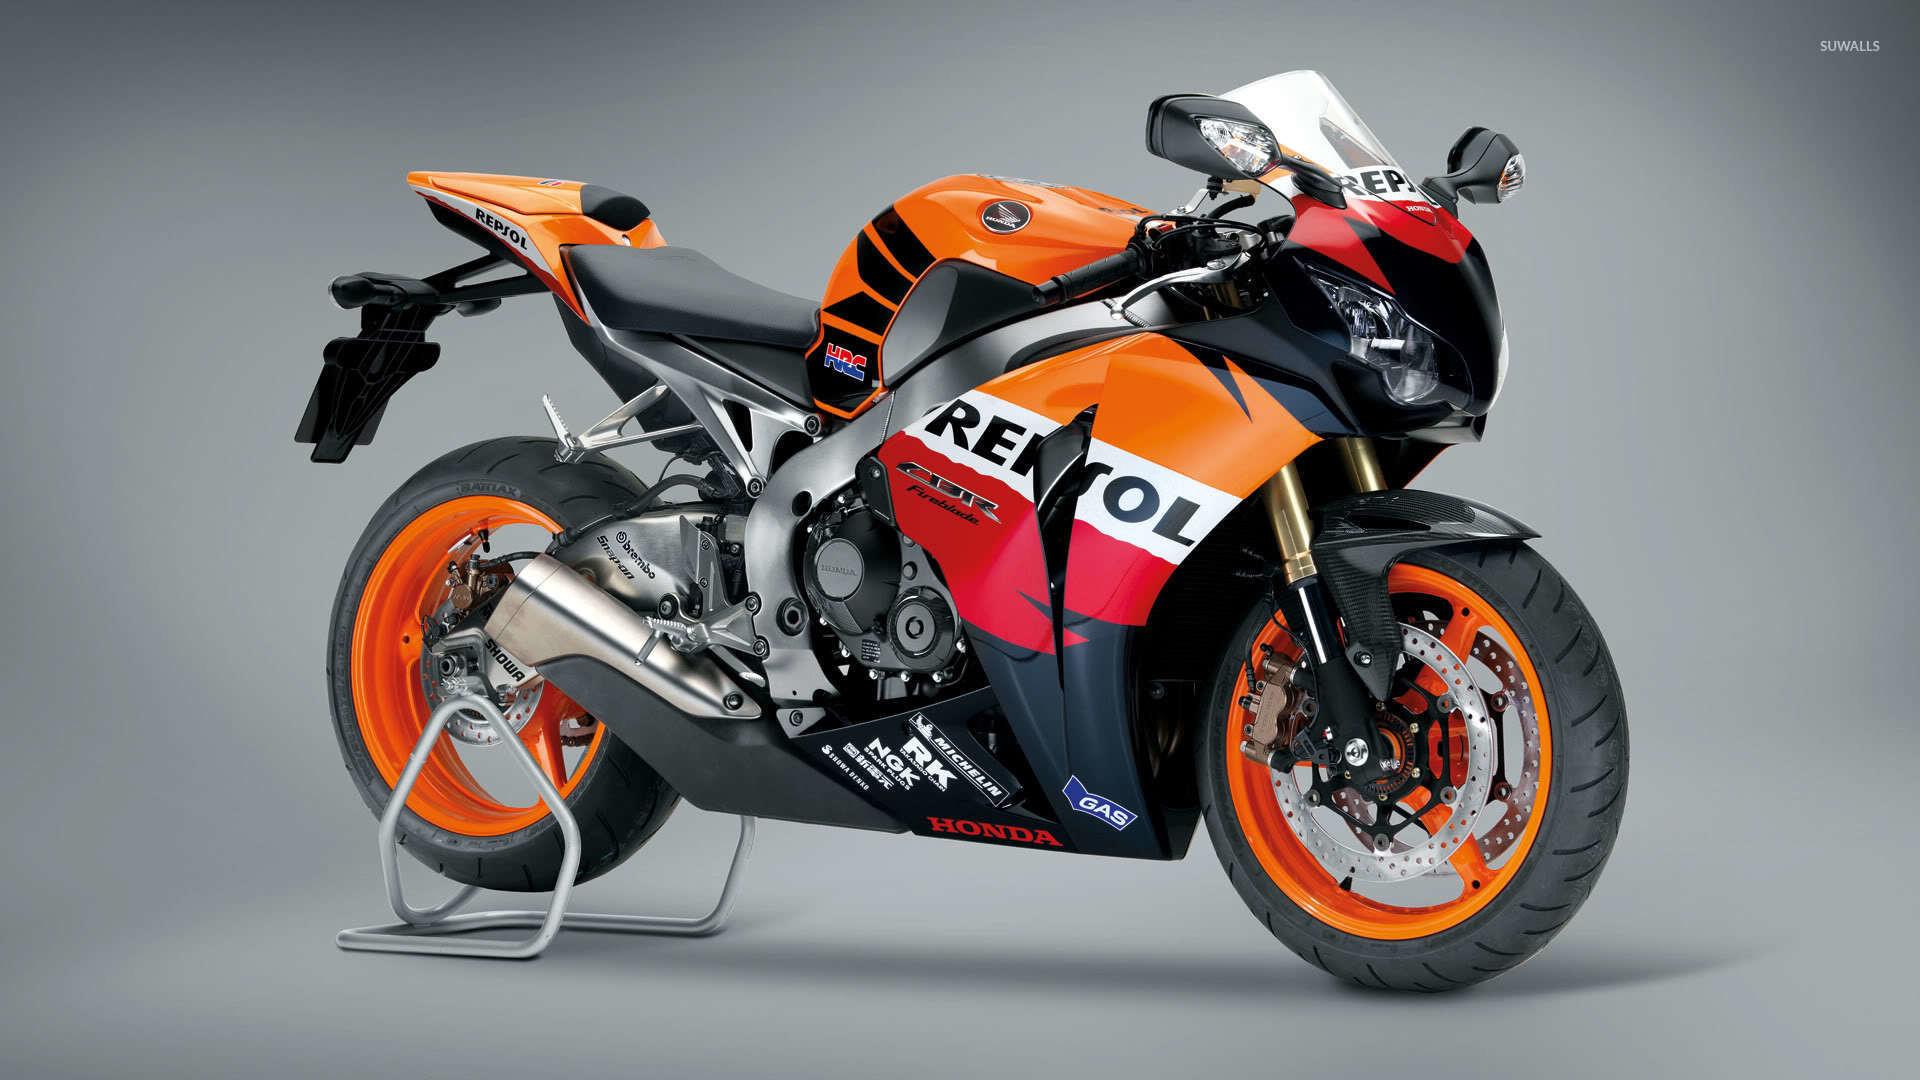 Res: 1920x1080, Honda CBR1000RR wallpaper